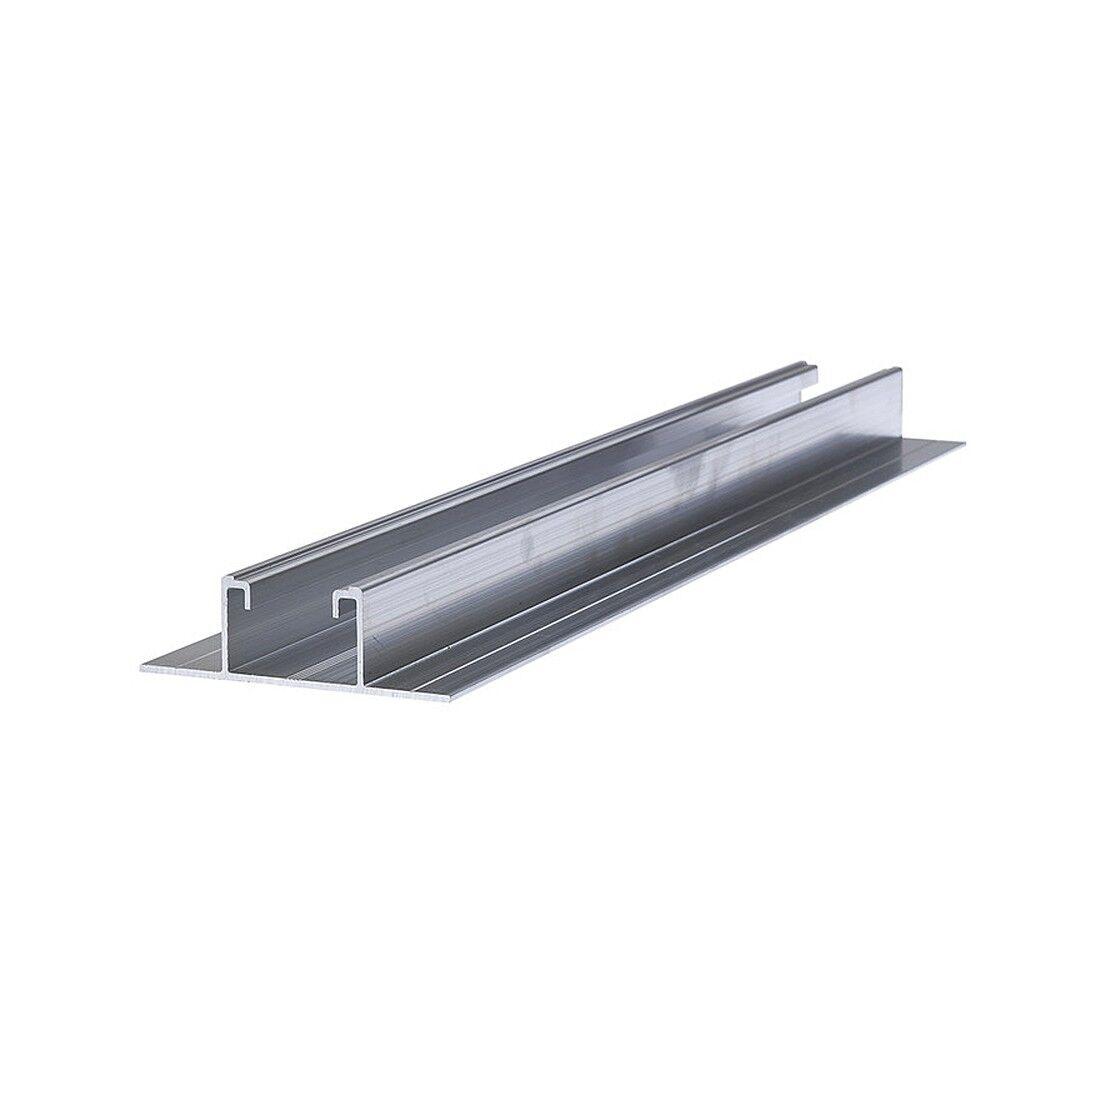 Fischer Profilo Solar-Flat P400 per fissaggio pannelli fotovoltaici su lamiera grecata Fischer